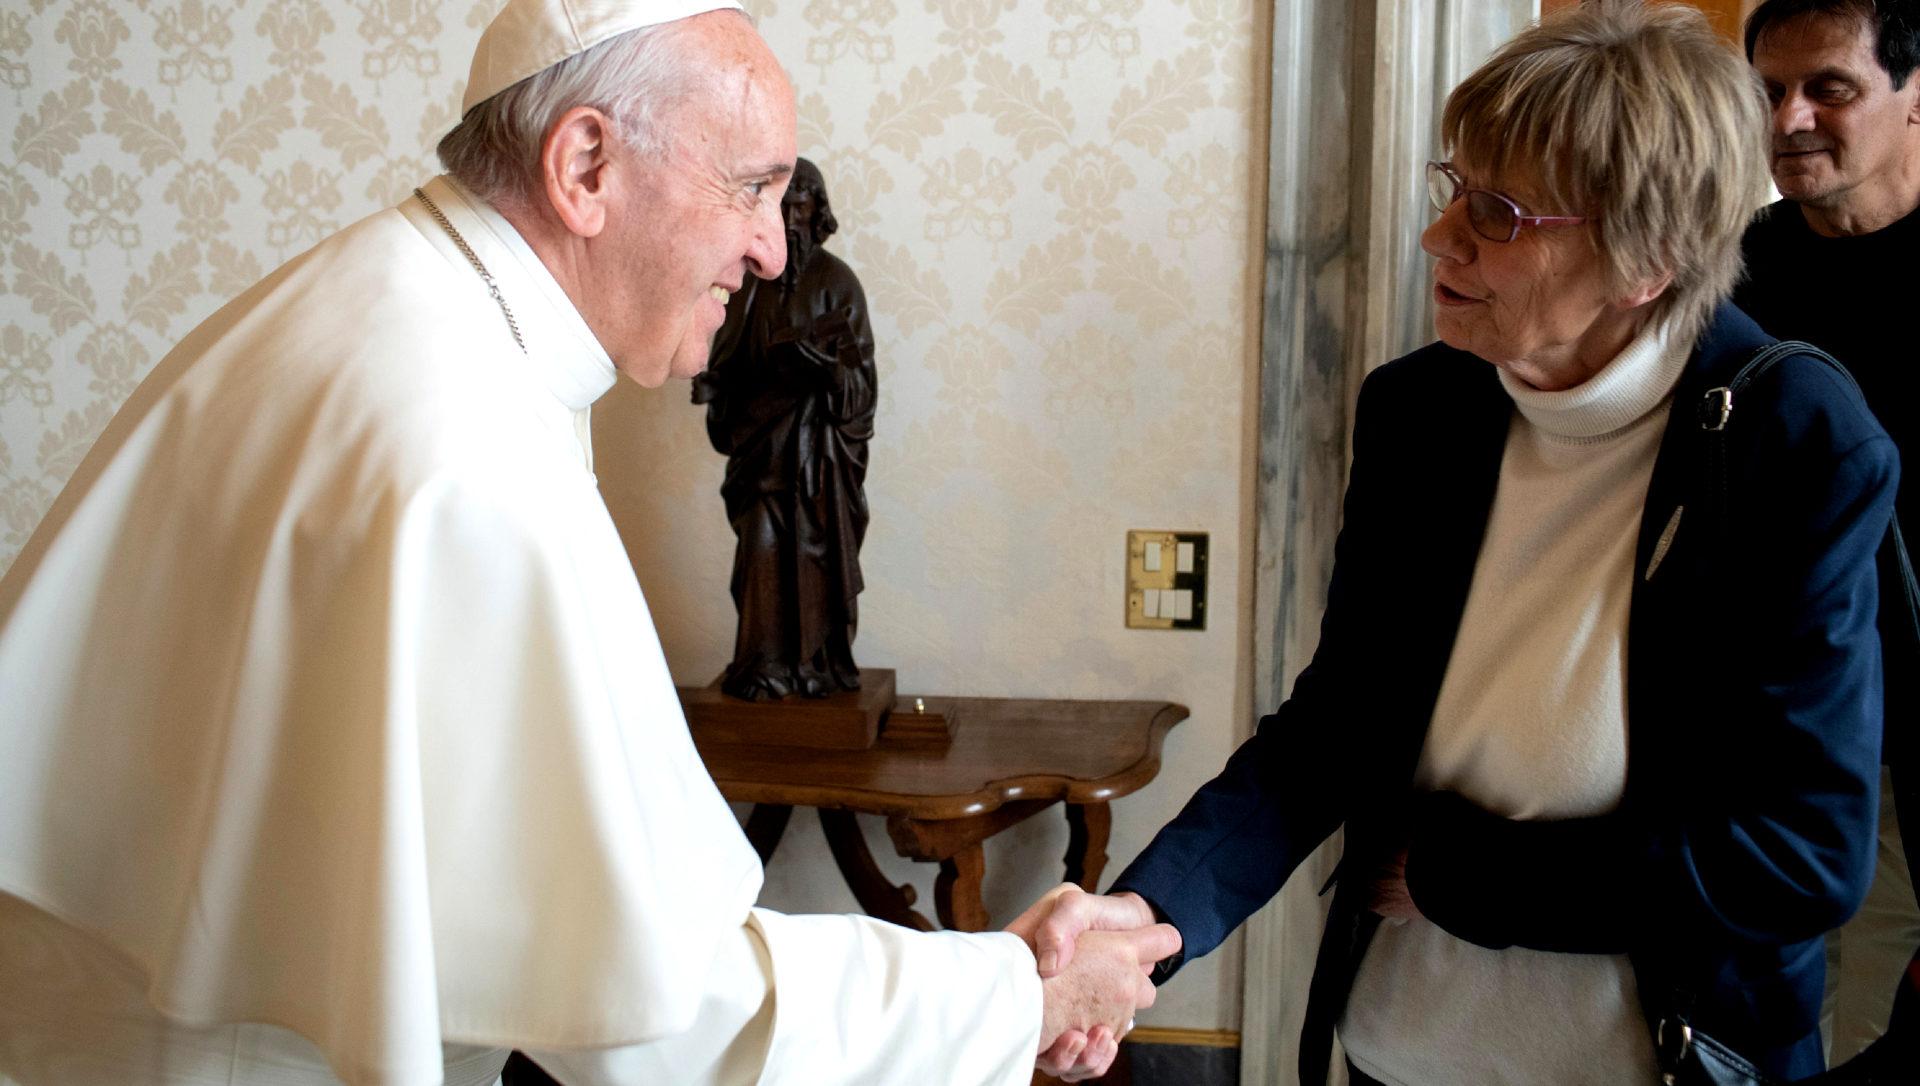 Papst Franziskus und A.W. |  © Servizio Fotografico - Vatican Media